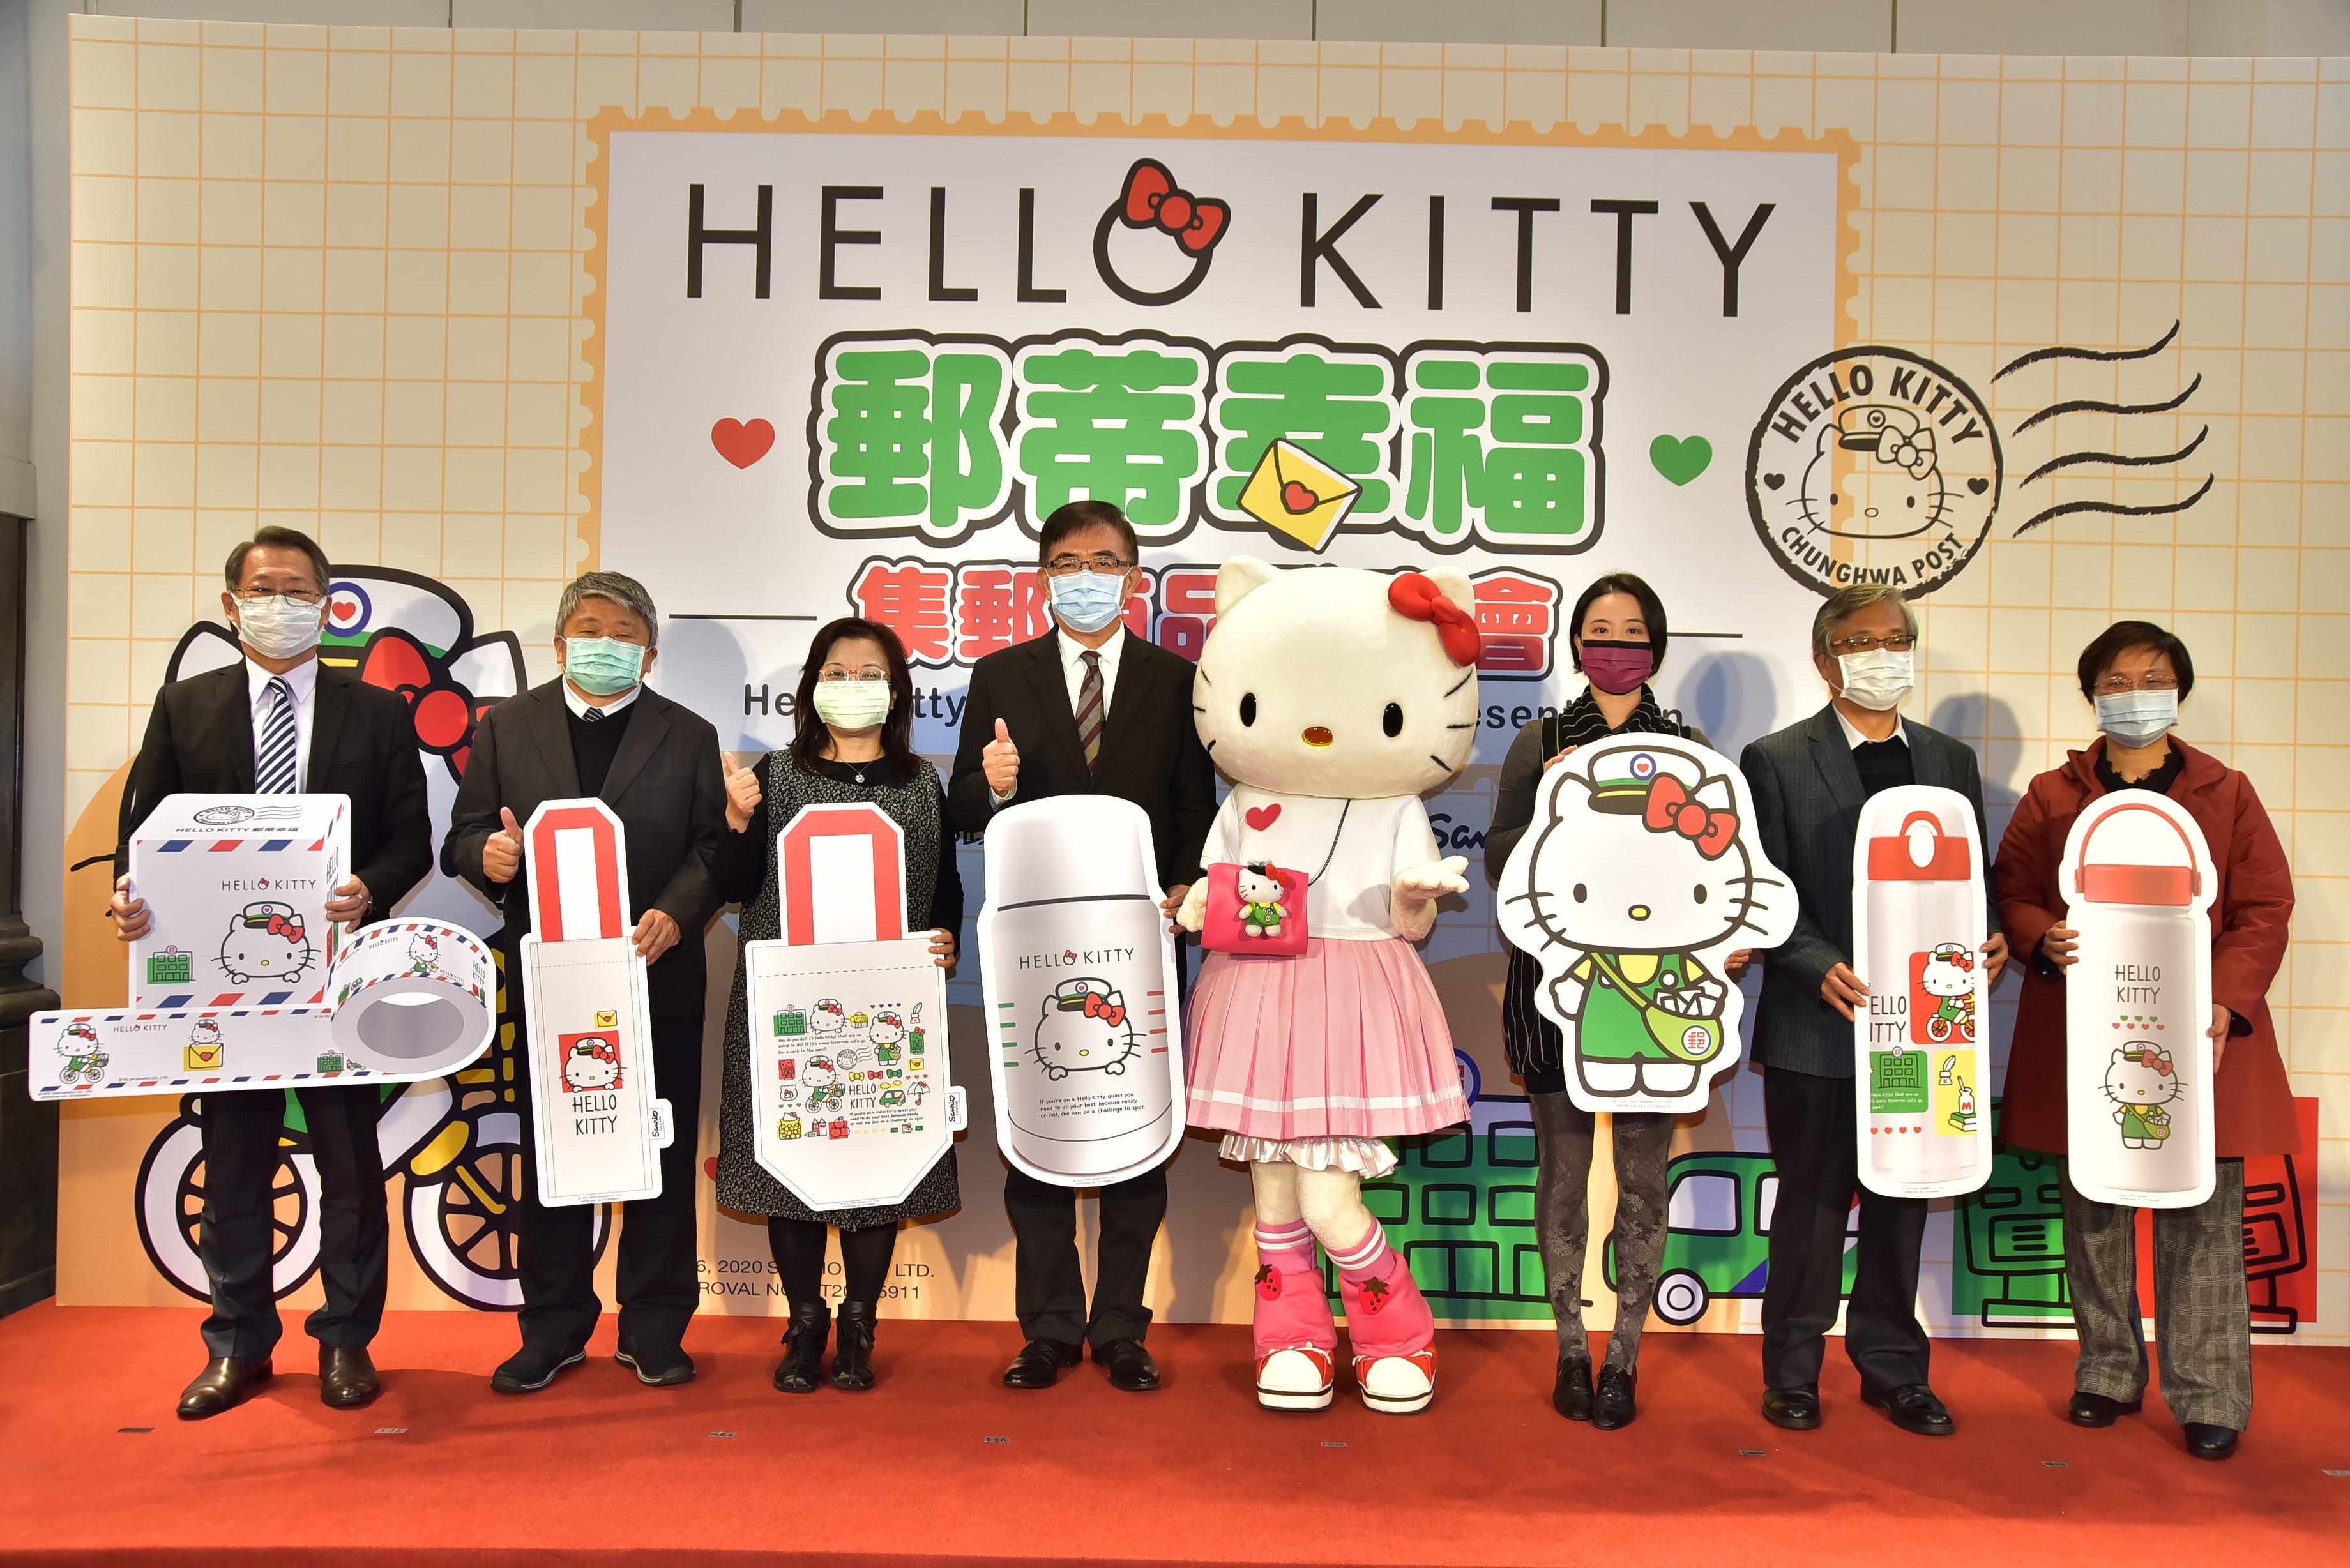 「HELLO KITTY郵蒂幸福」集郵商品發表會